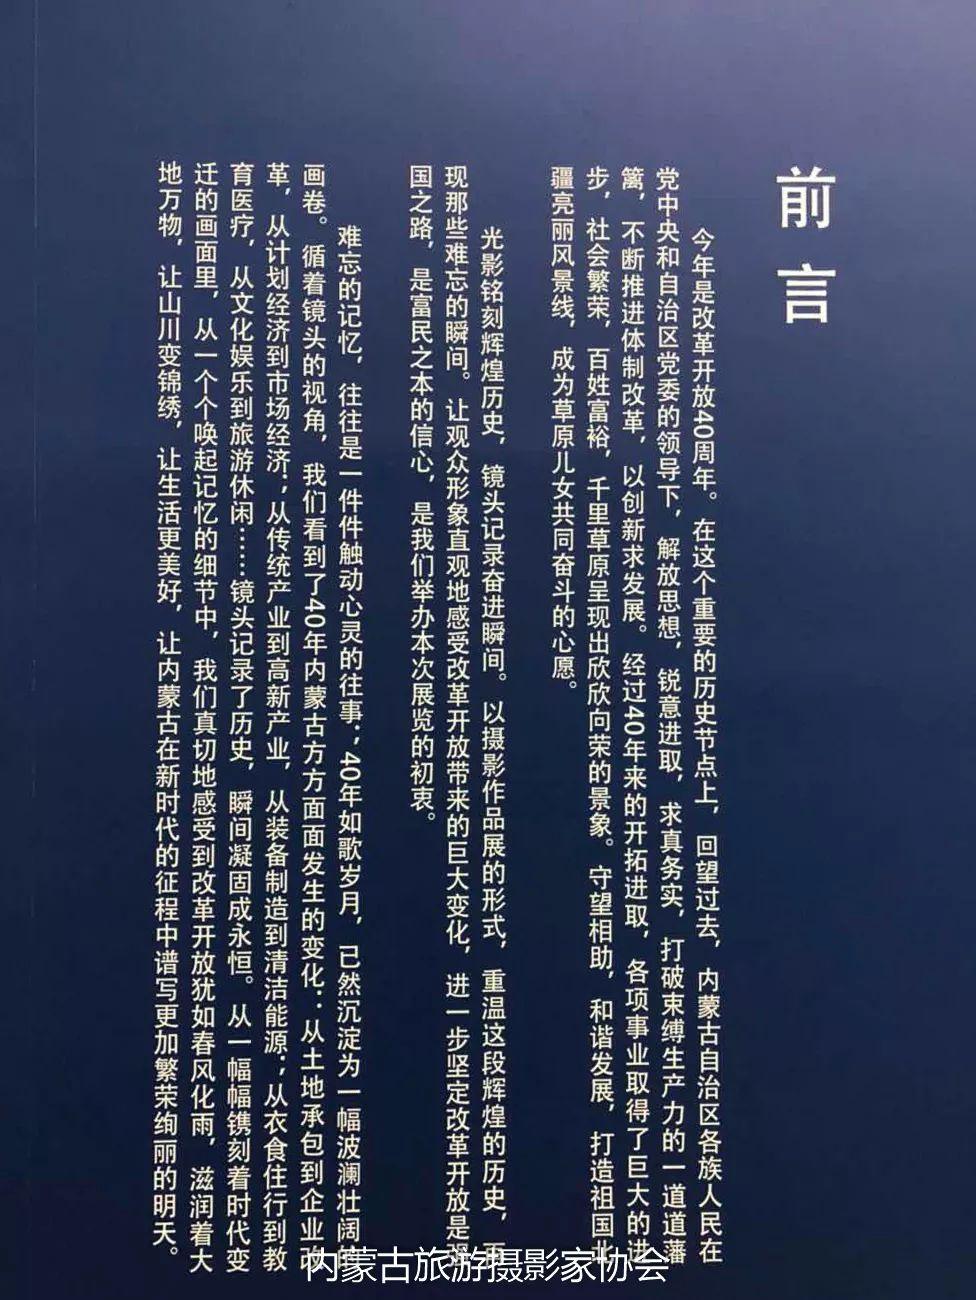 庆祝改革开放40周年 内蒙古美术、书法、摄影作品展开幕 第12张